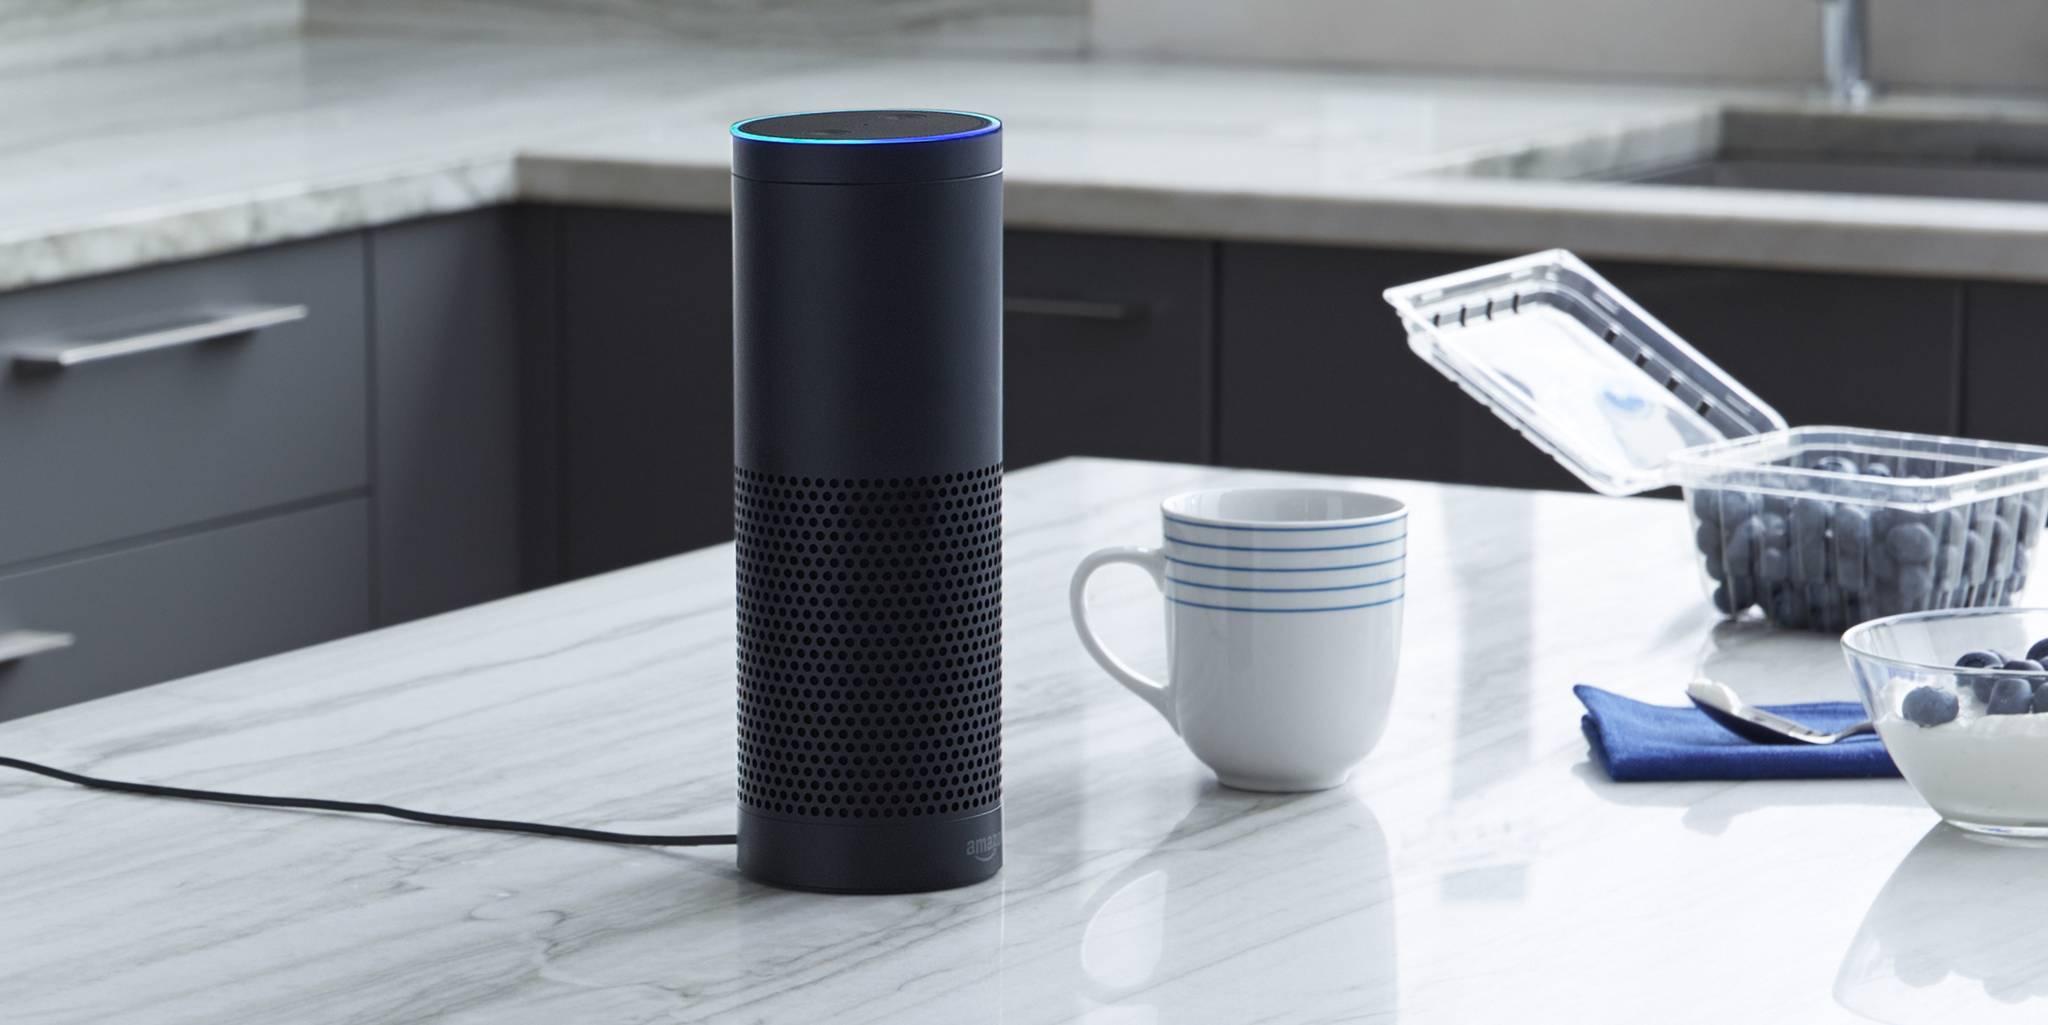 Acusan que Alexa de Amazon grabó una conversación privada y la envió